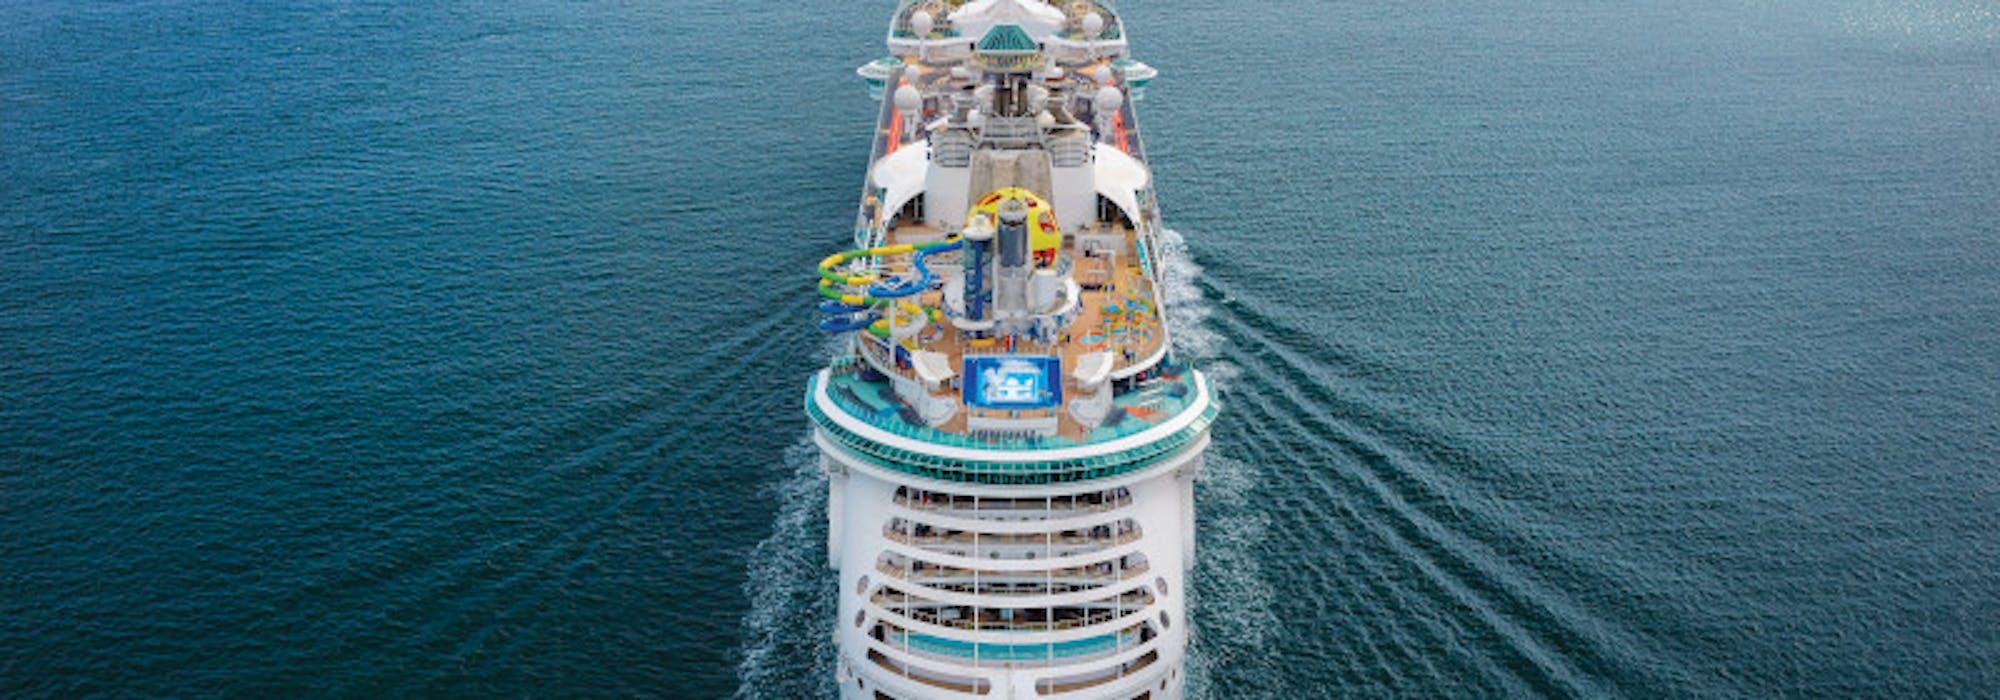 Bild tagen bakifrån på Independence of the Seas som kryssar på öppet hav.